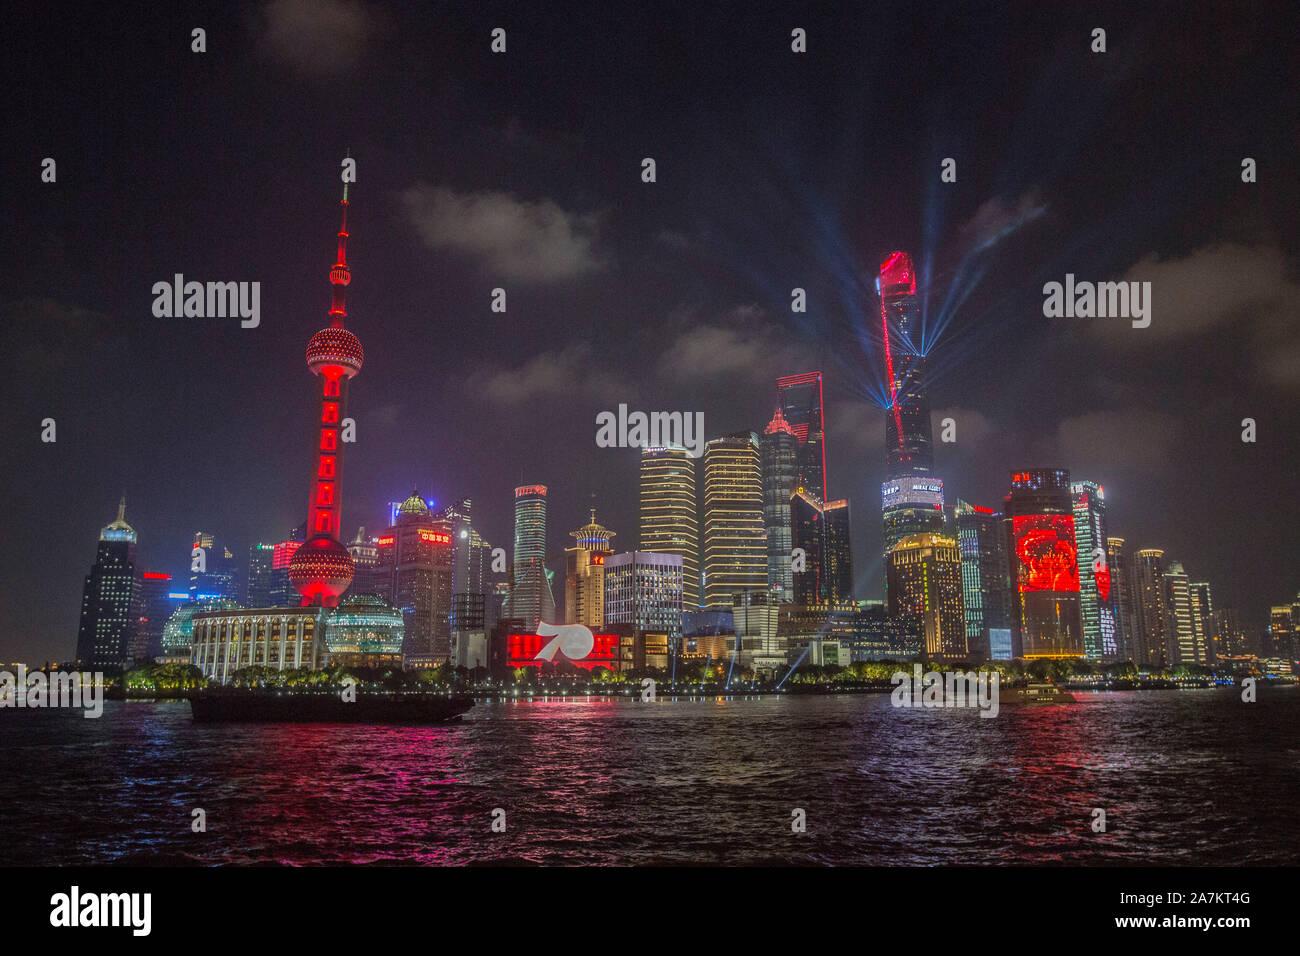 Vista nocturna del río Huangpu y el Distrito Financiero de Lujiazui iluminado con rascacielos y altos edificios en Pudong, Shanghai, China. Foto de stock